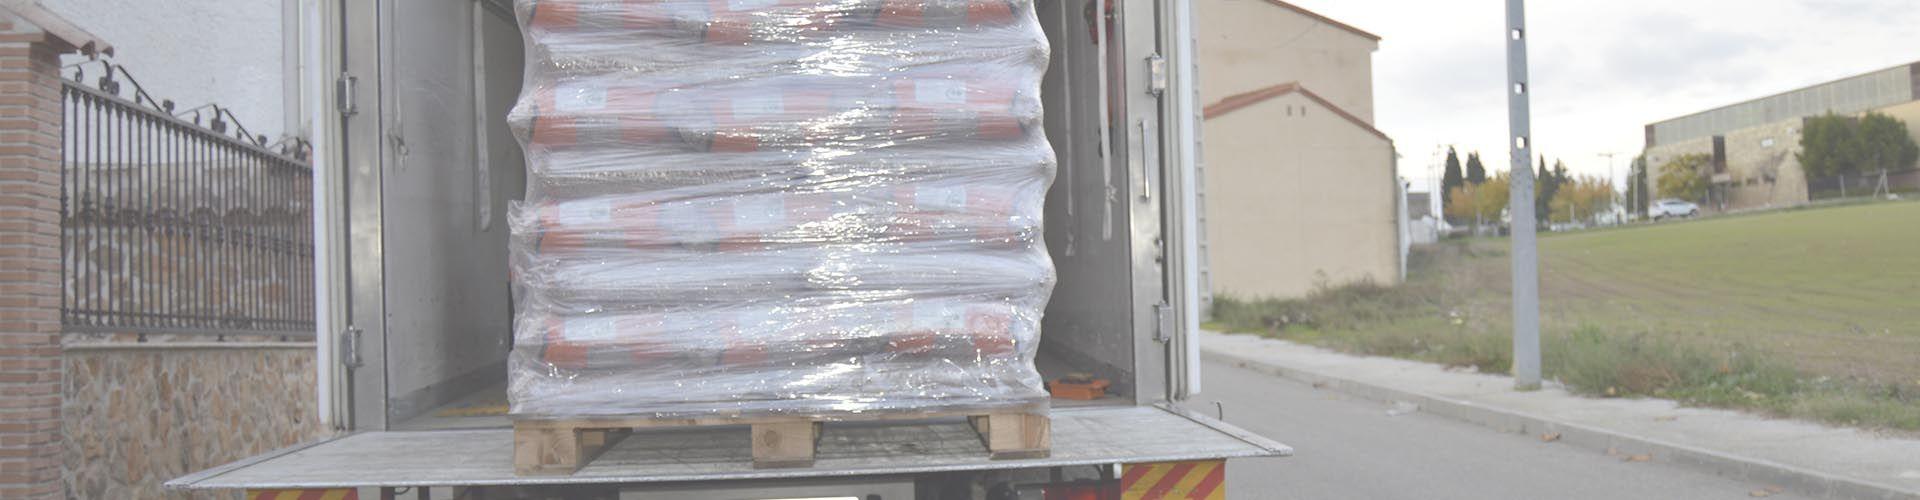 Comprar Pellets en Madrid, venta y distribución de pellets en Madrid